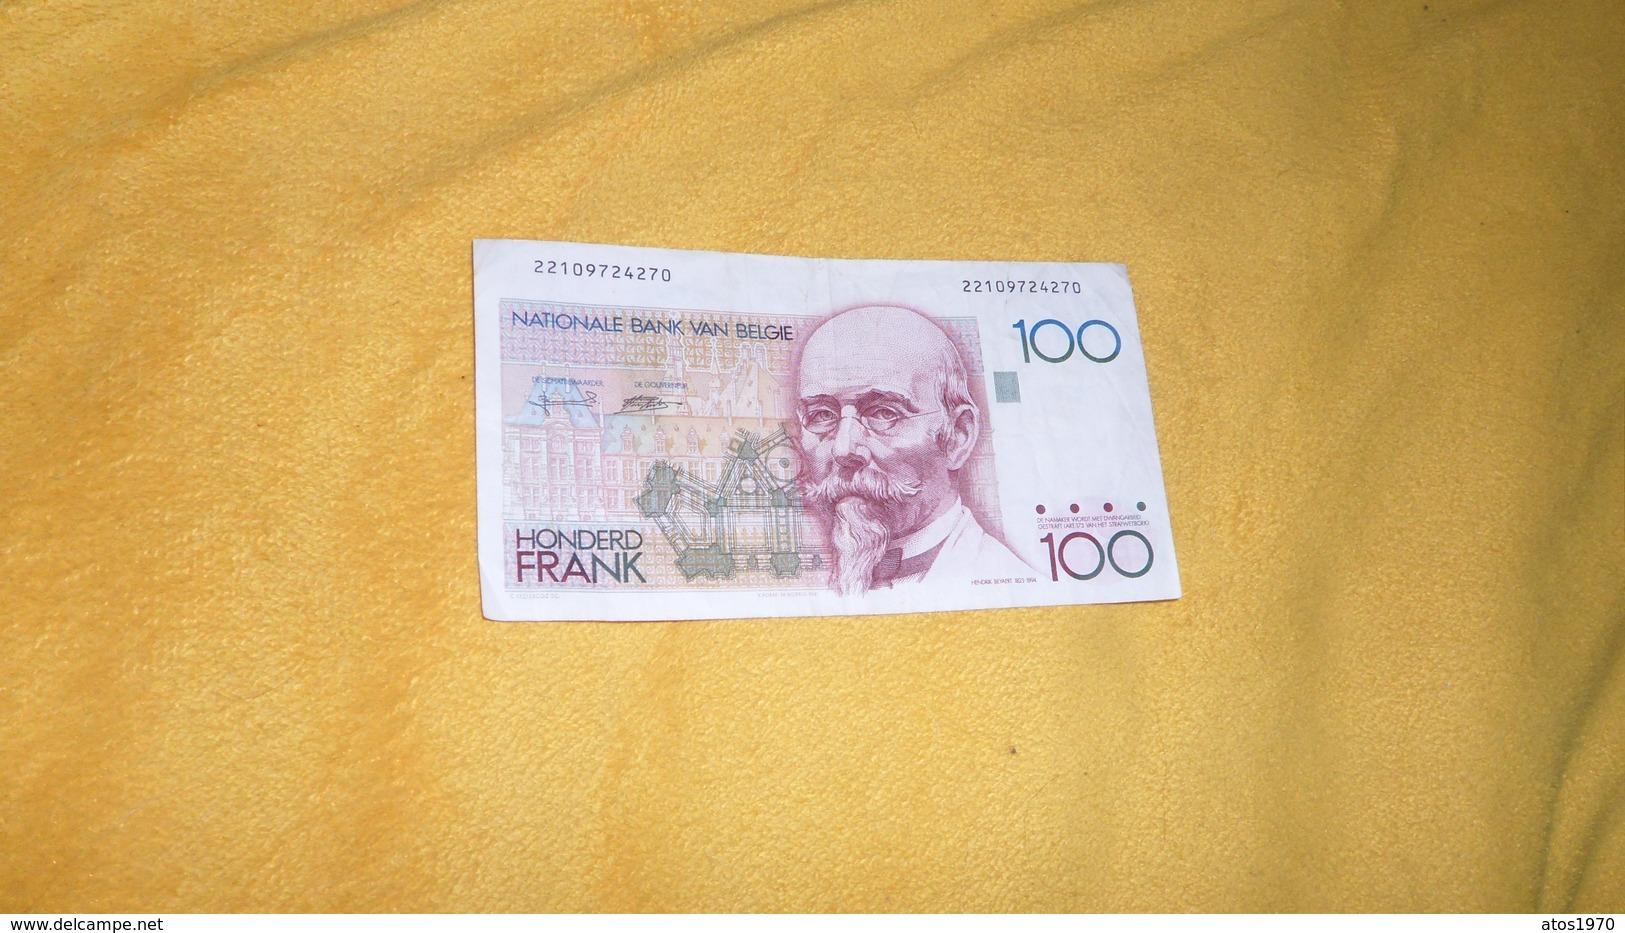 BILLET DE 100 FRANCS / HONDERD FRANK DATE ?. / BELGIQUE N°22109724270. - Altri